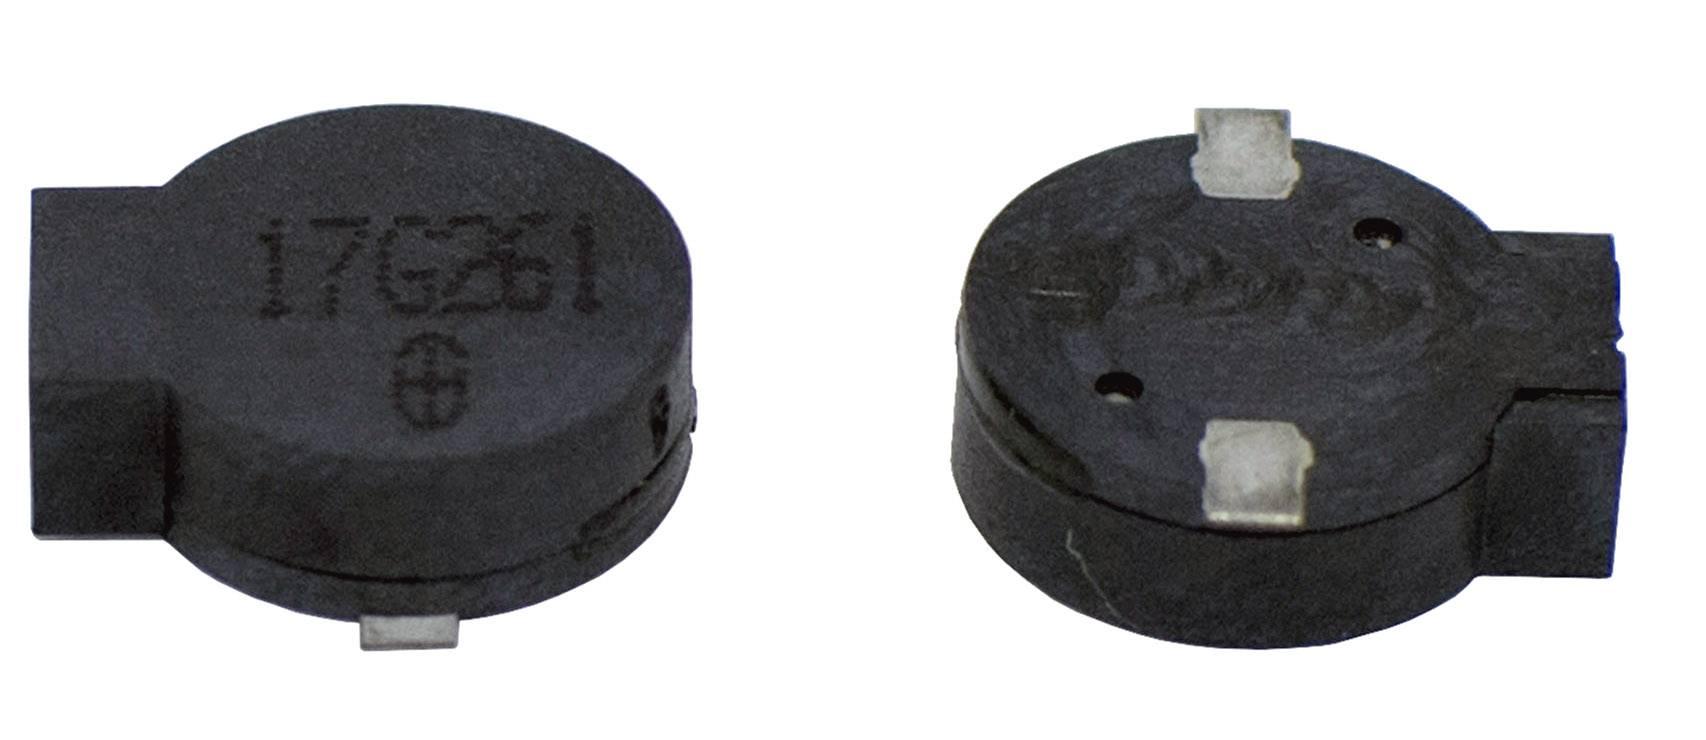 Vysílač signálu SMD Cre-sound LET9032ES-03L-2.7-16-R-1, 3 V, 92 dB, nepřerušovaný tón, 1 ks